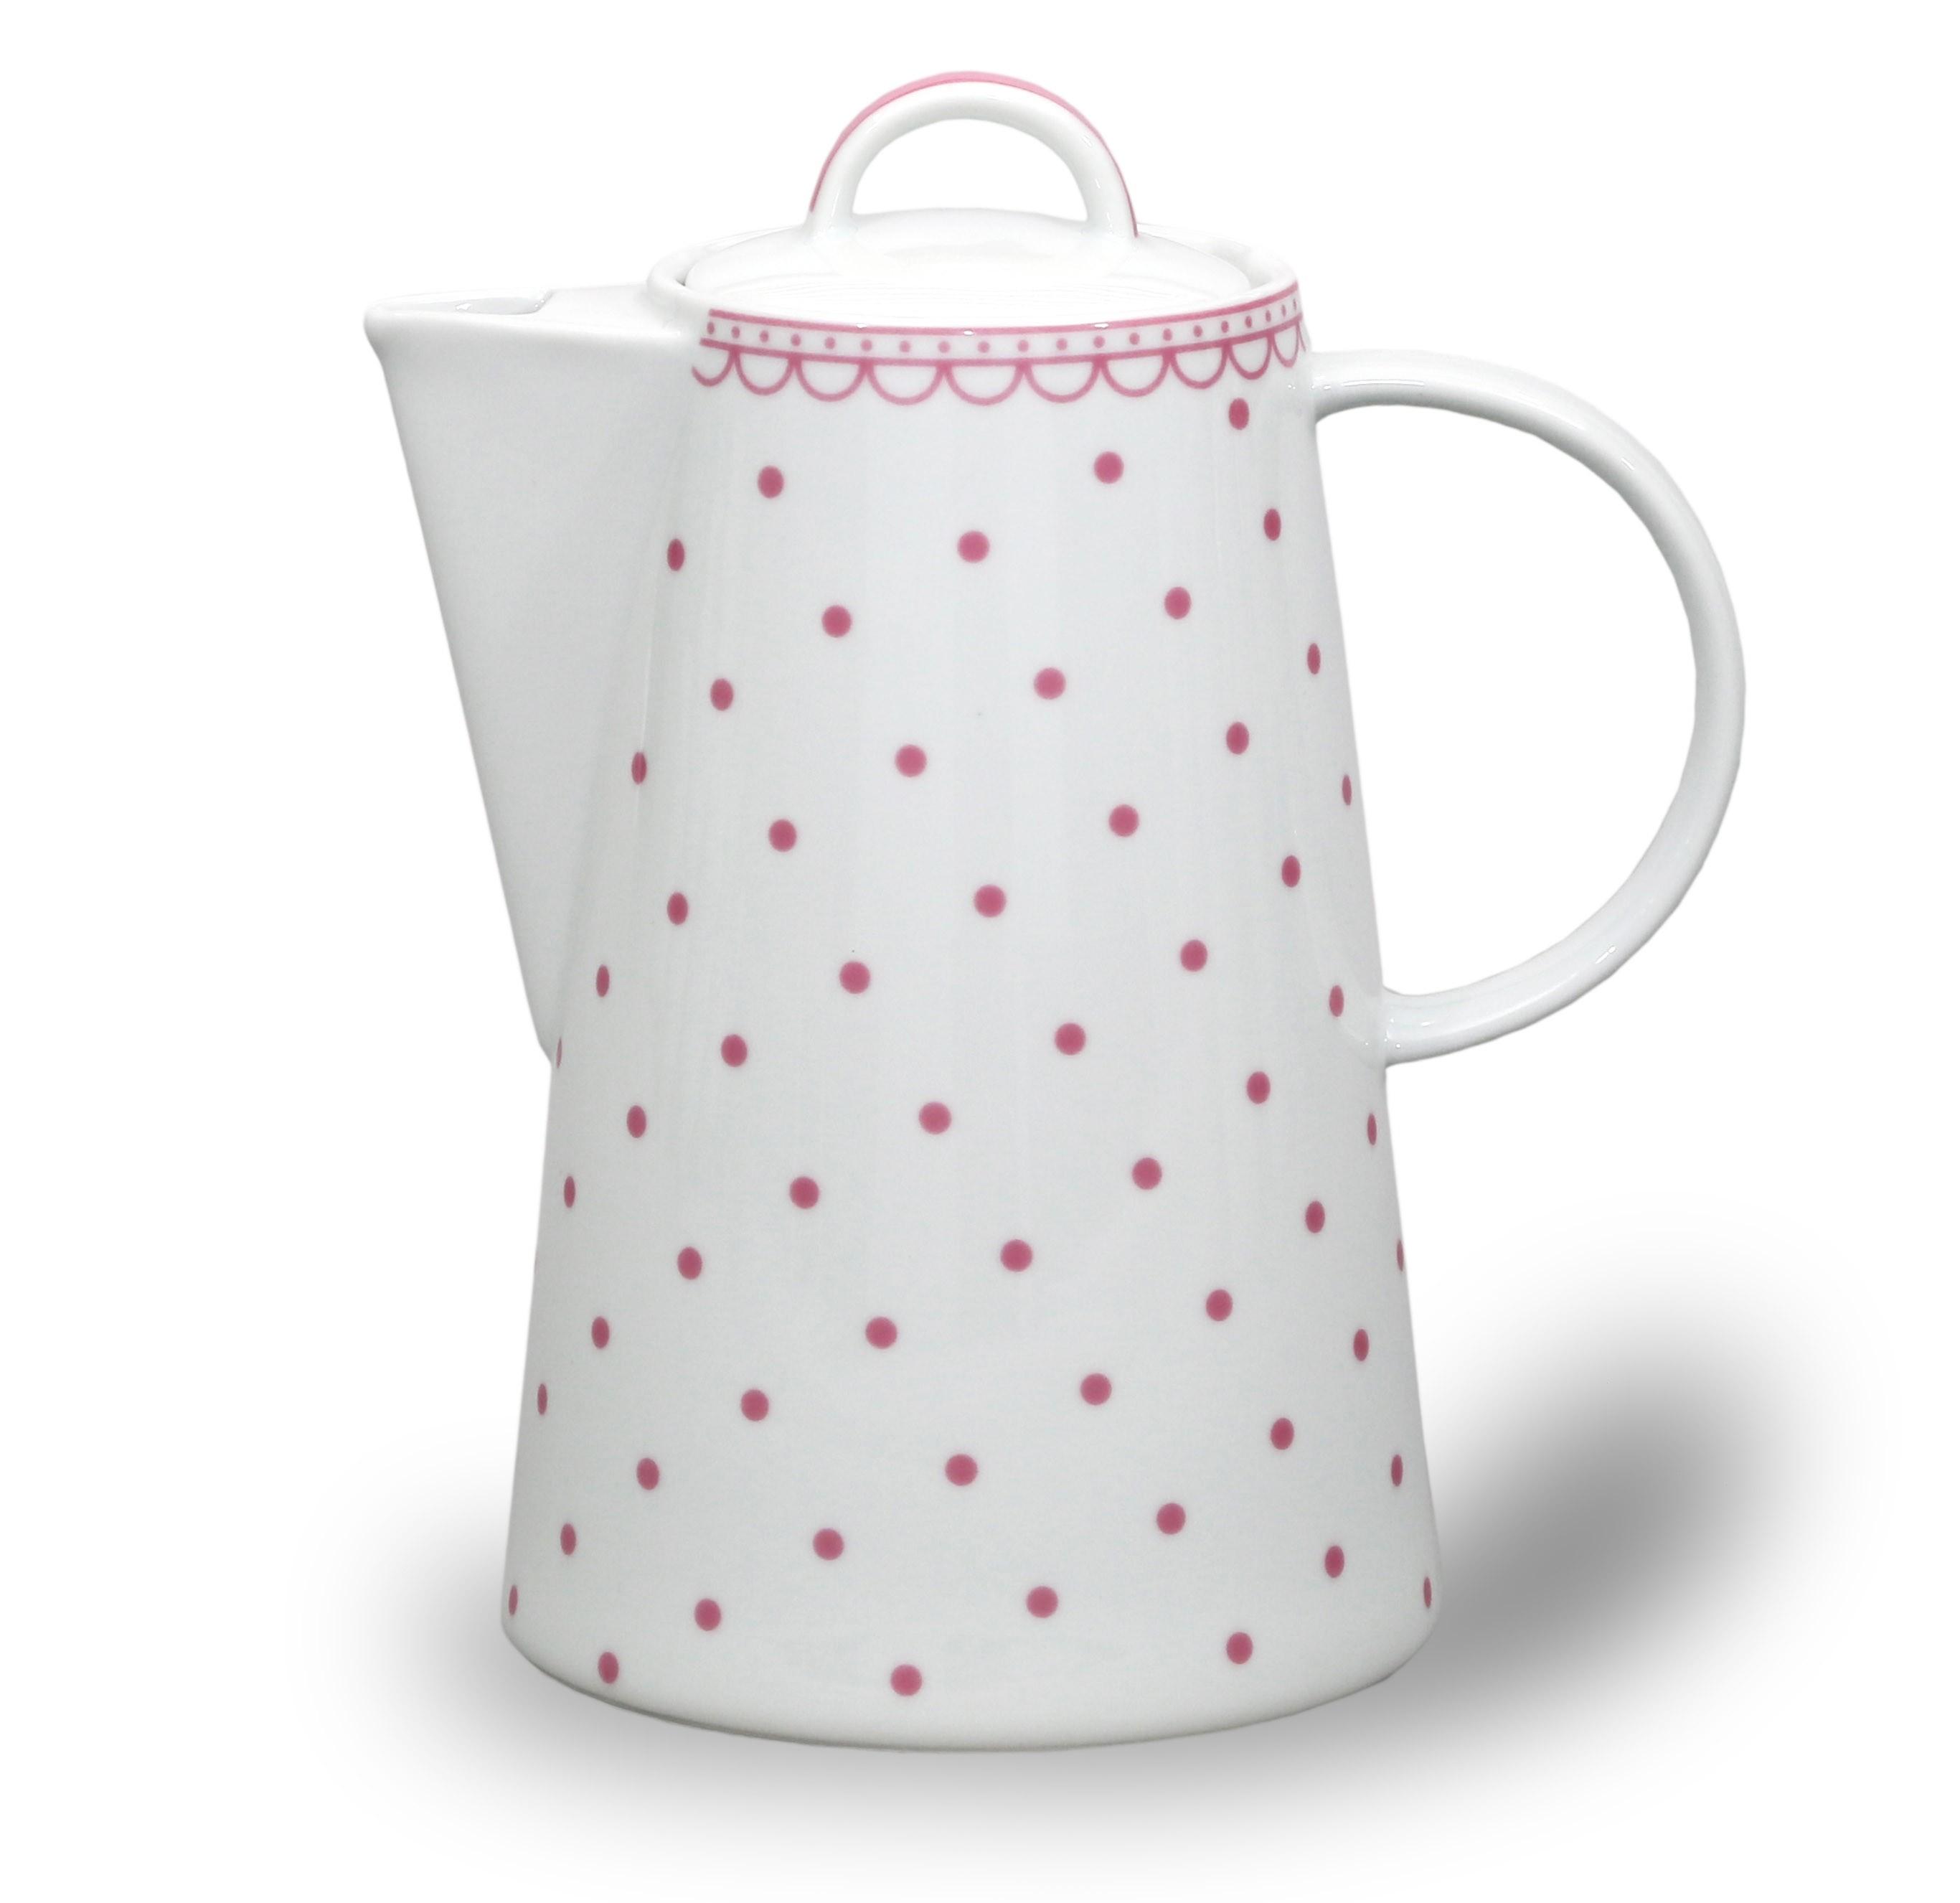 Kávová konvice Tom - Růžový puntík